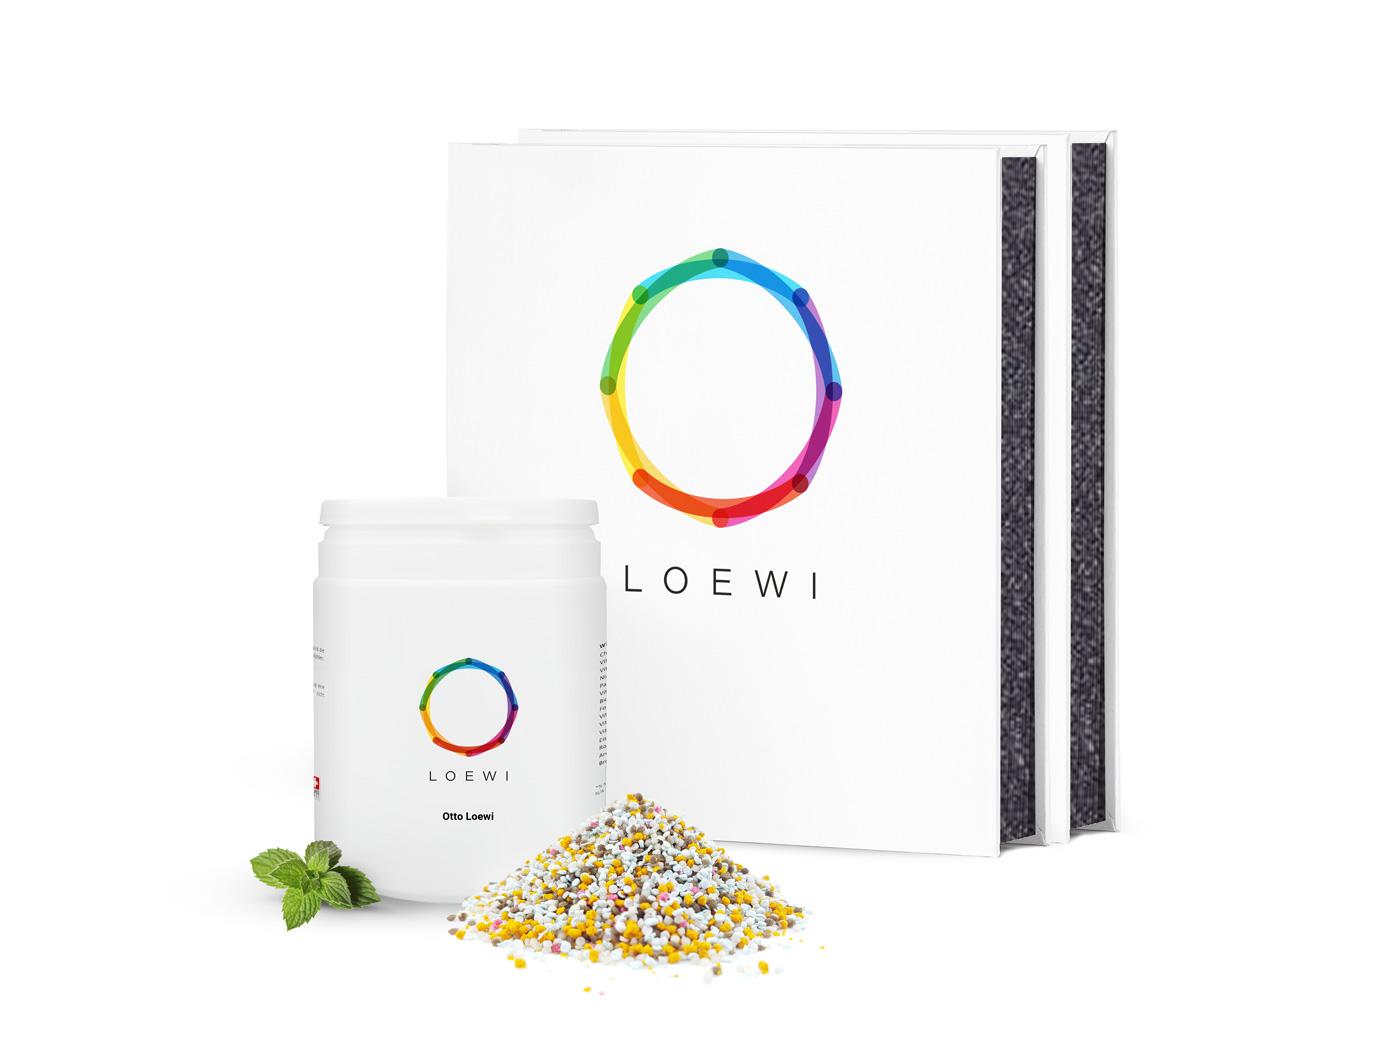 LOEWI_Produkt_GoldKur_2